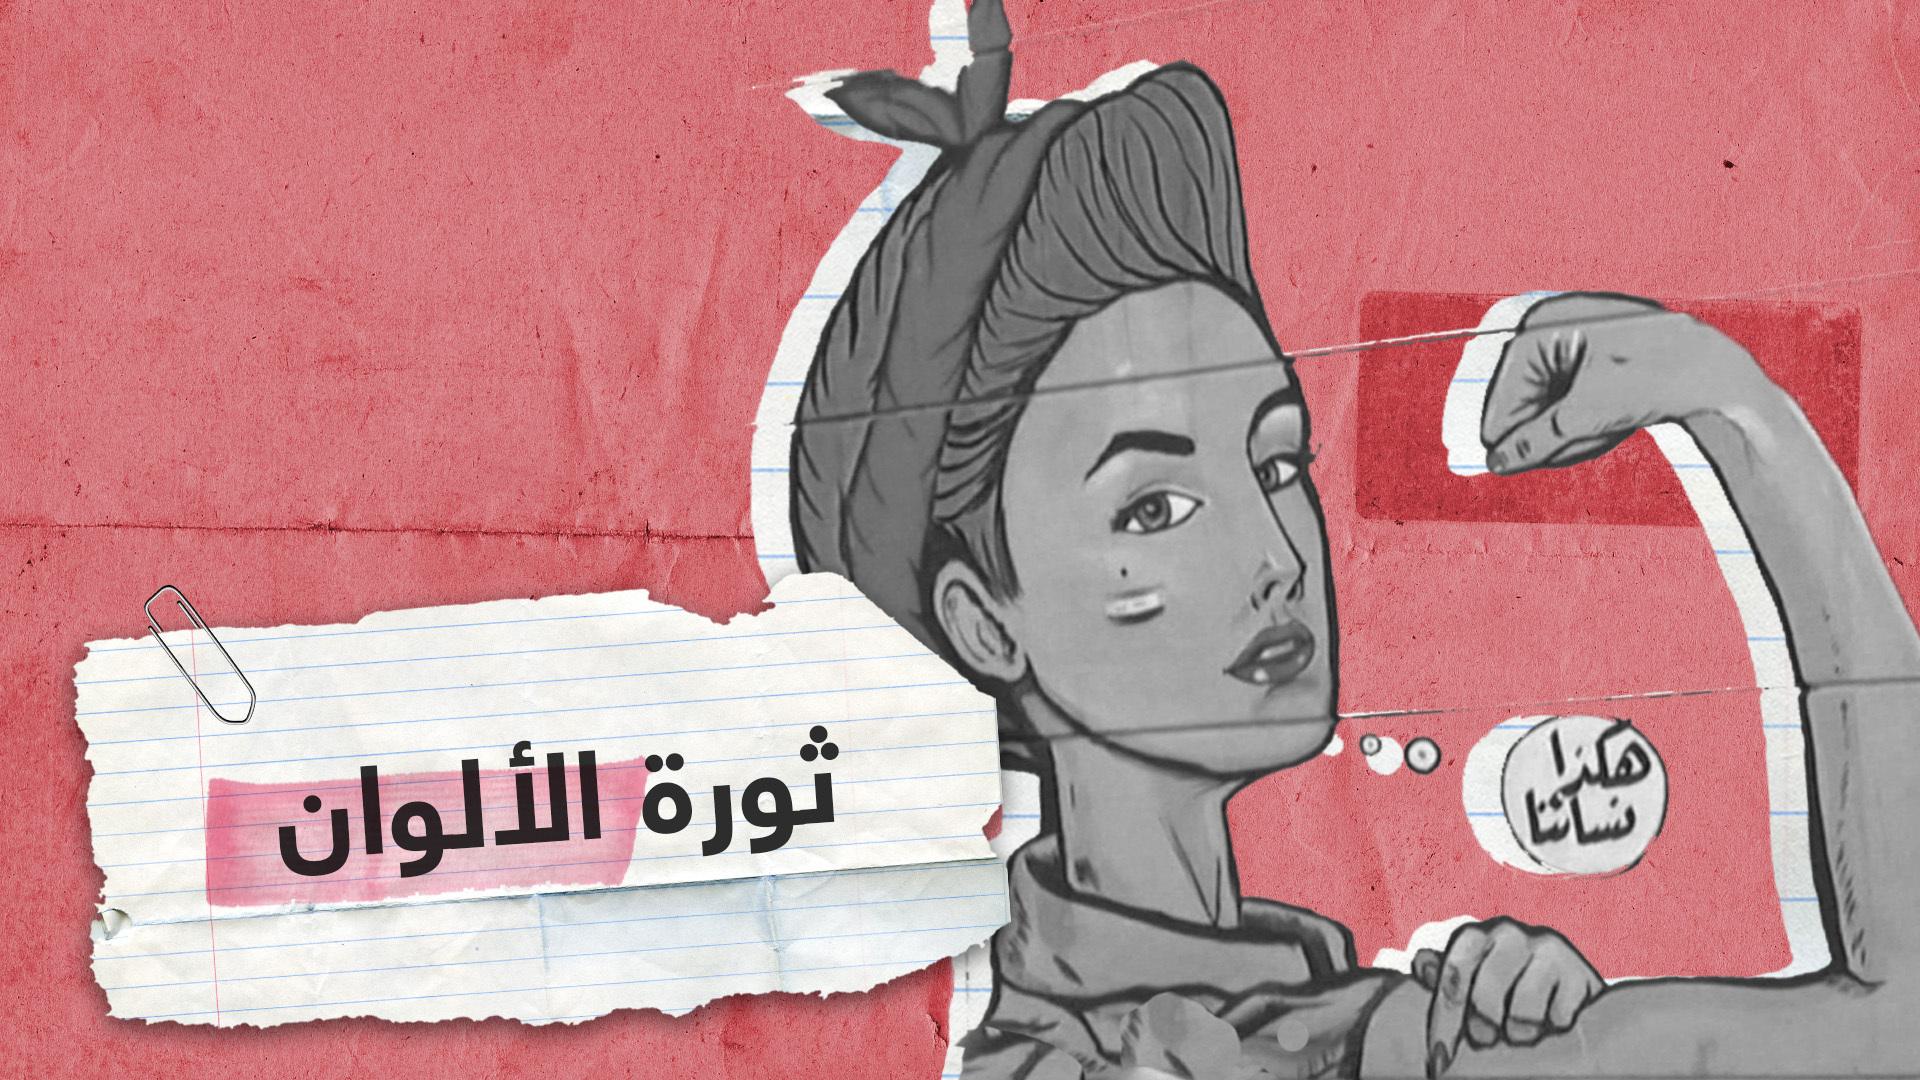 بالرسم على الجدران.. ثورة للألوانفيساحة التحرير ببغداد